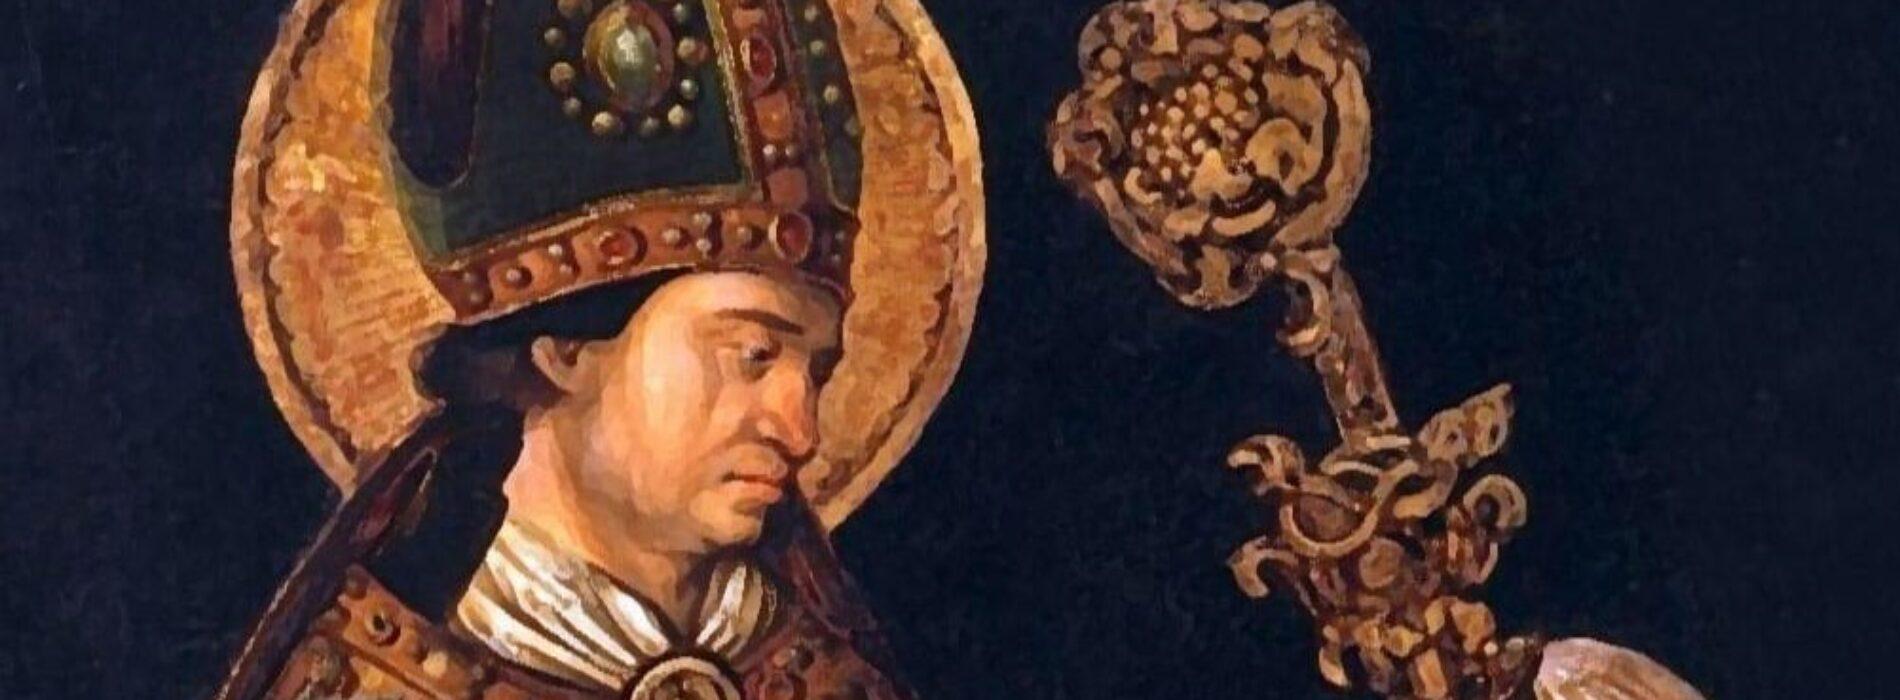 San Valentino, il vescovo martire che protegge gli innamorati